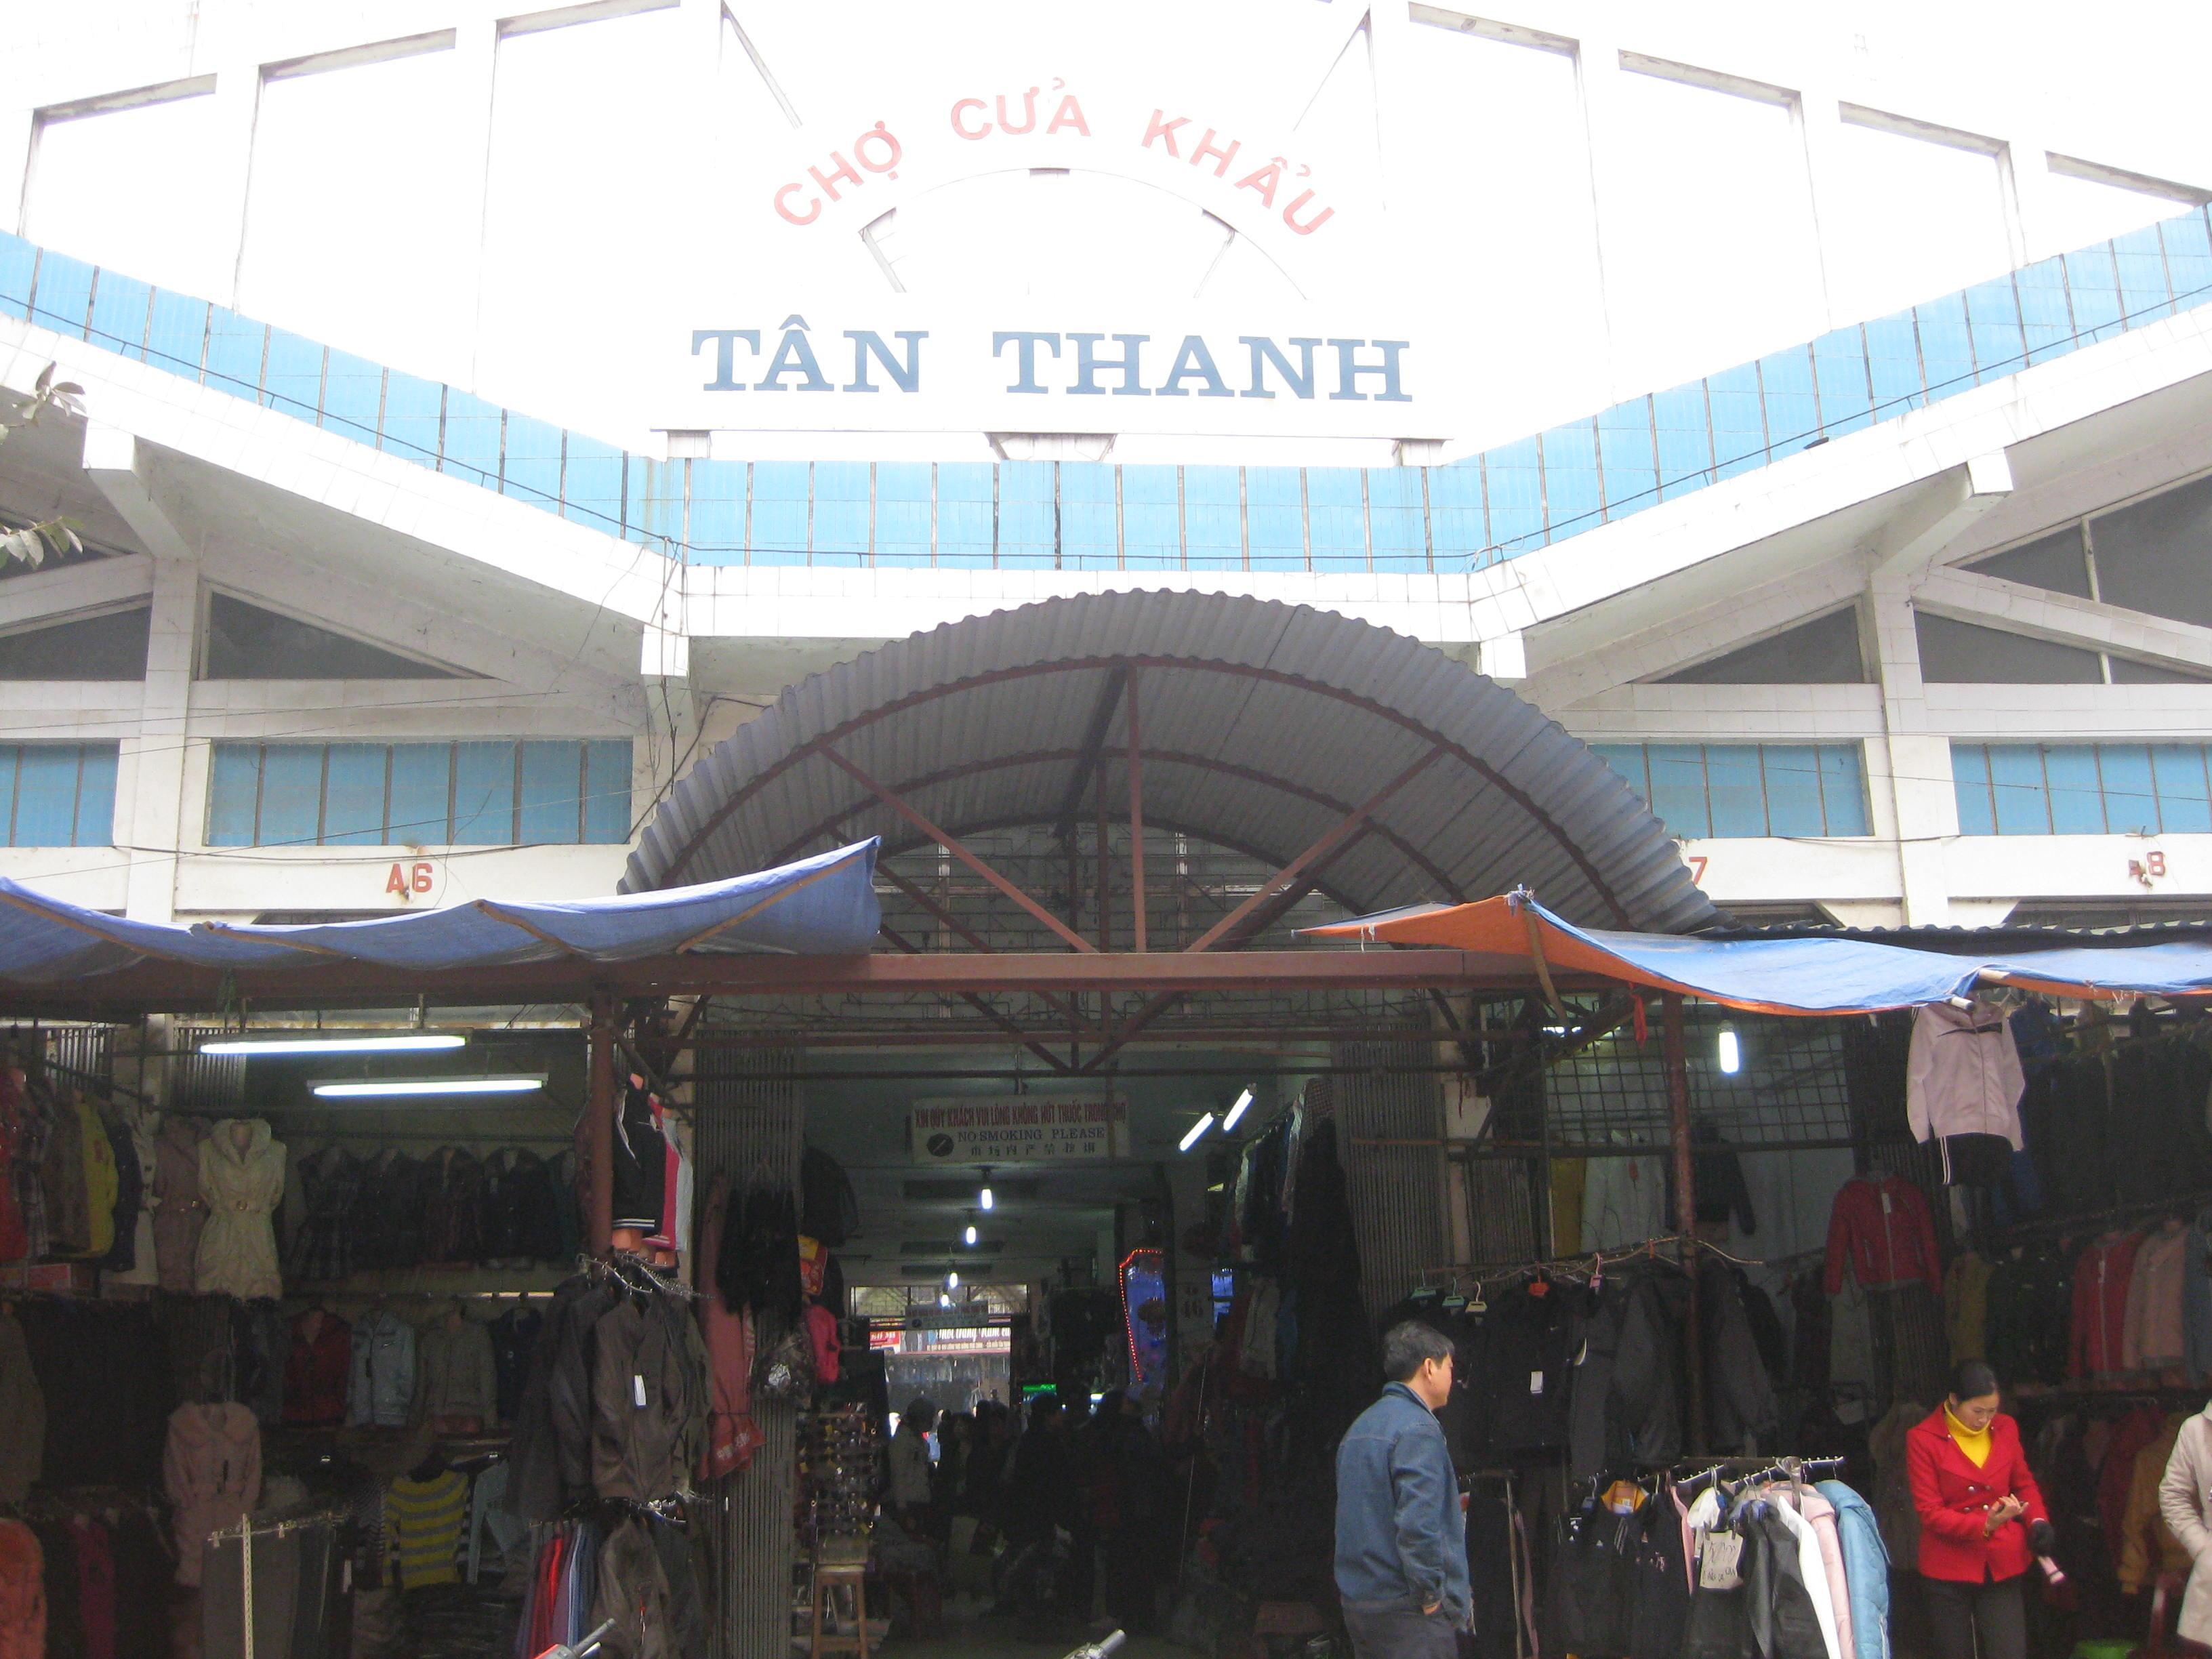 """Mua sắm """" thả ga"""" ở chợ Tân Thanh Lạng Sơn - Vntrip.vn"""